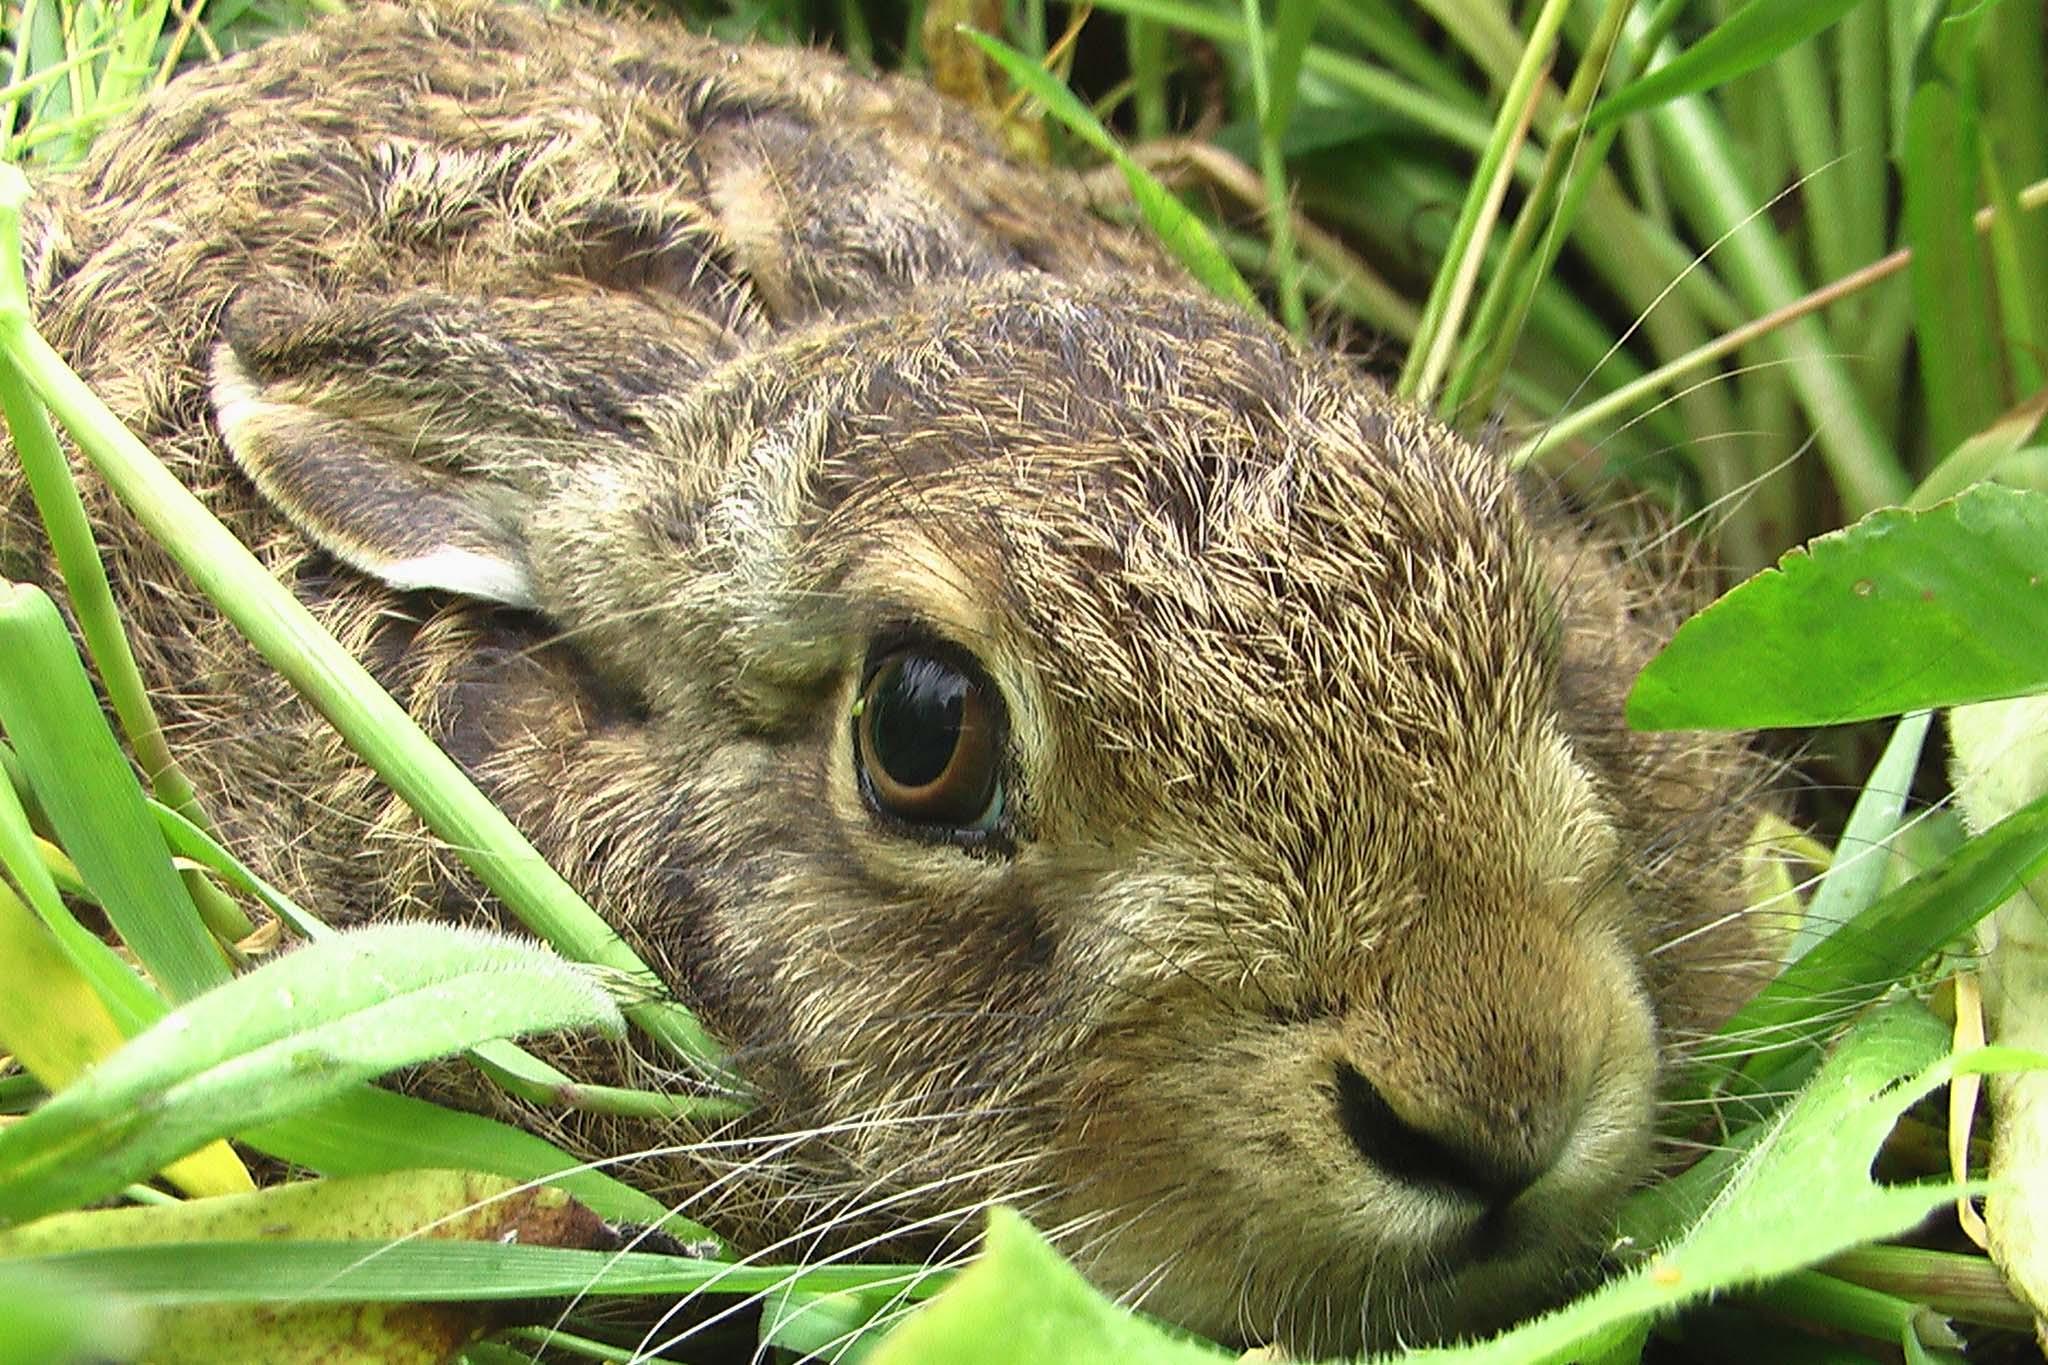 Hase auf Wildpflanzenacker zur Biomasseproduktion